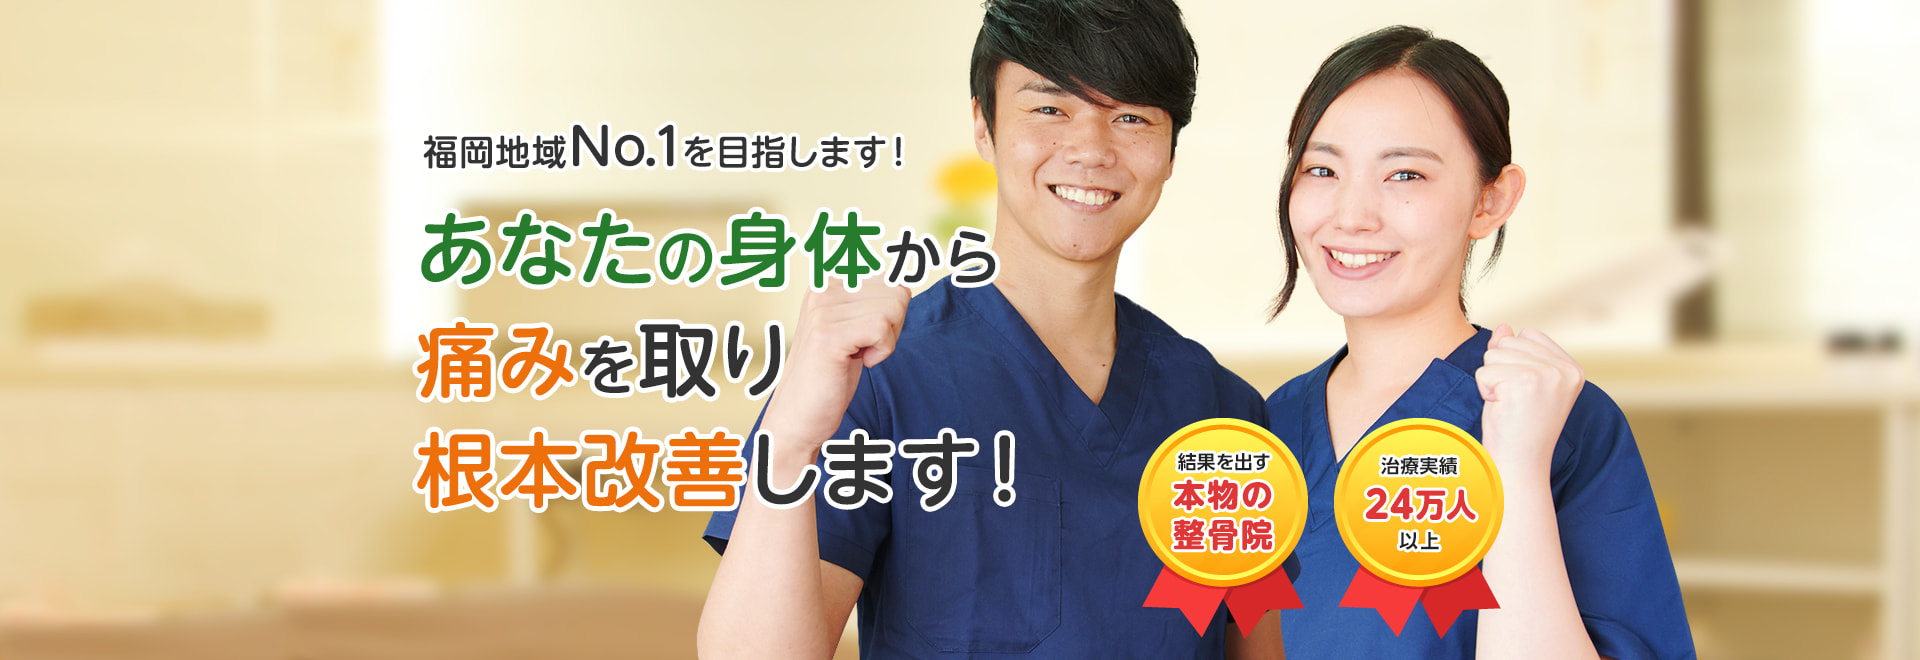 福岡地域No.1を目指します!あなたの身体から痛みを取り根本改善します!